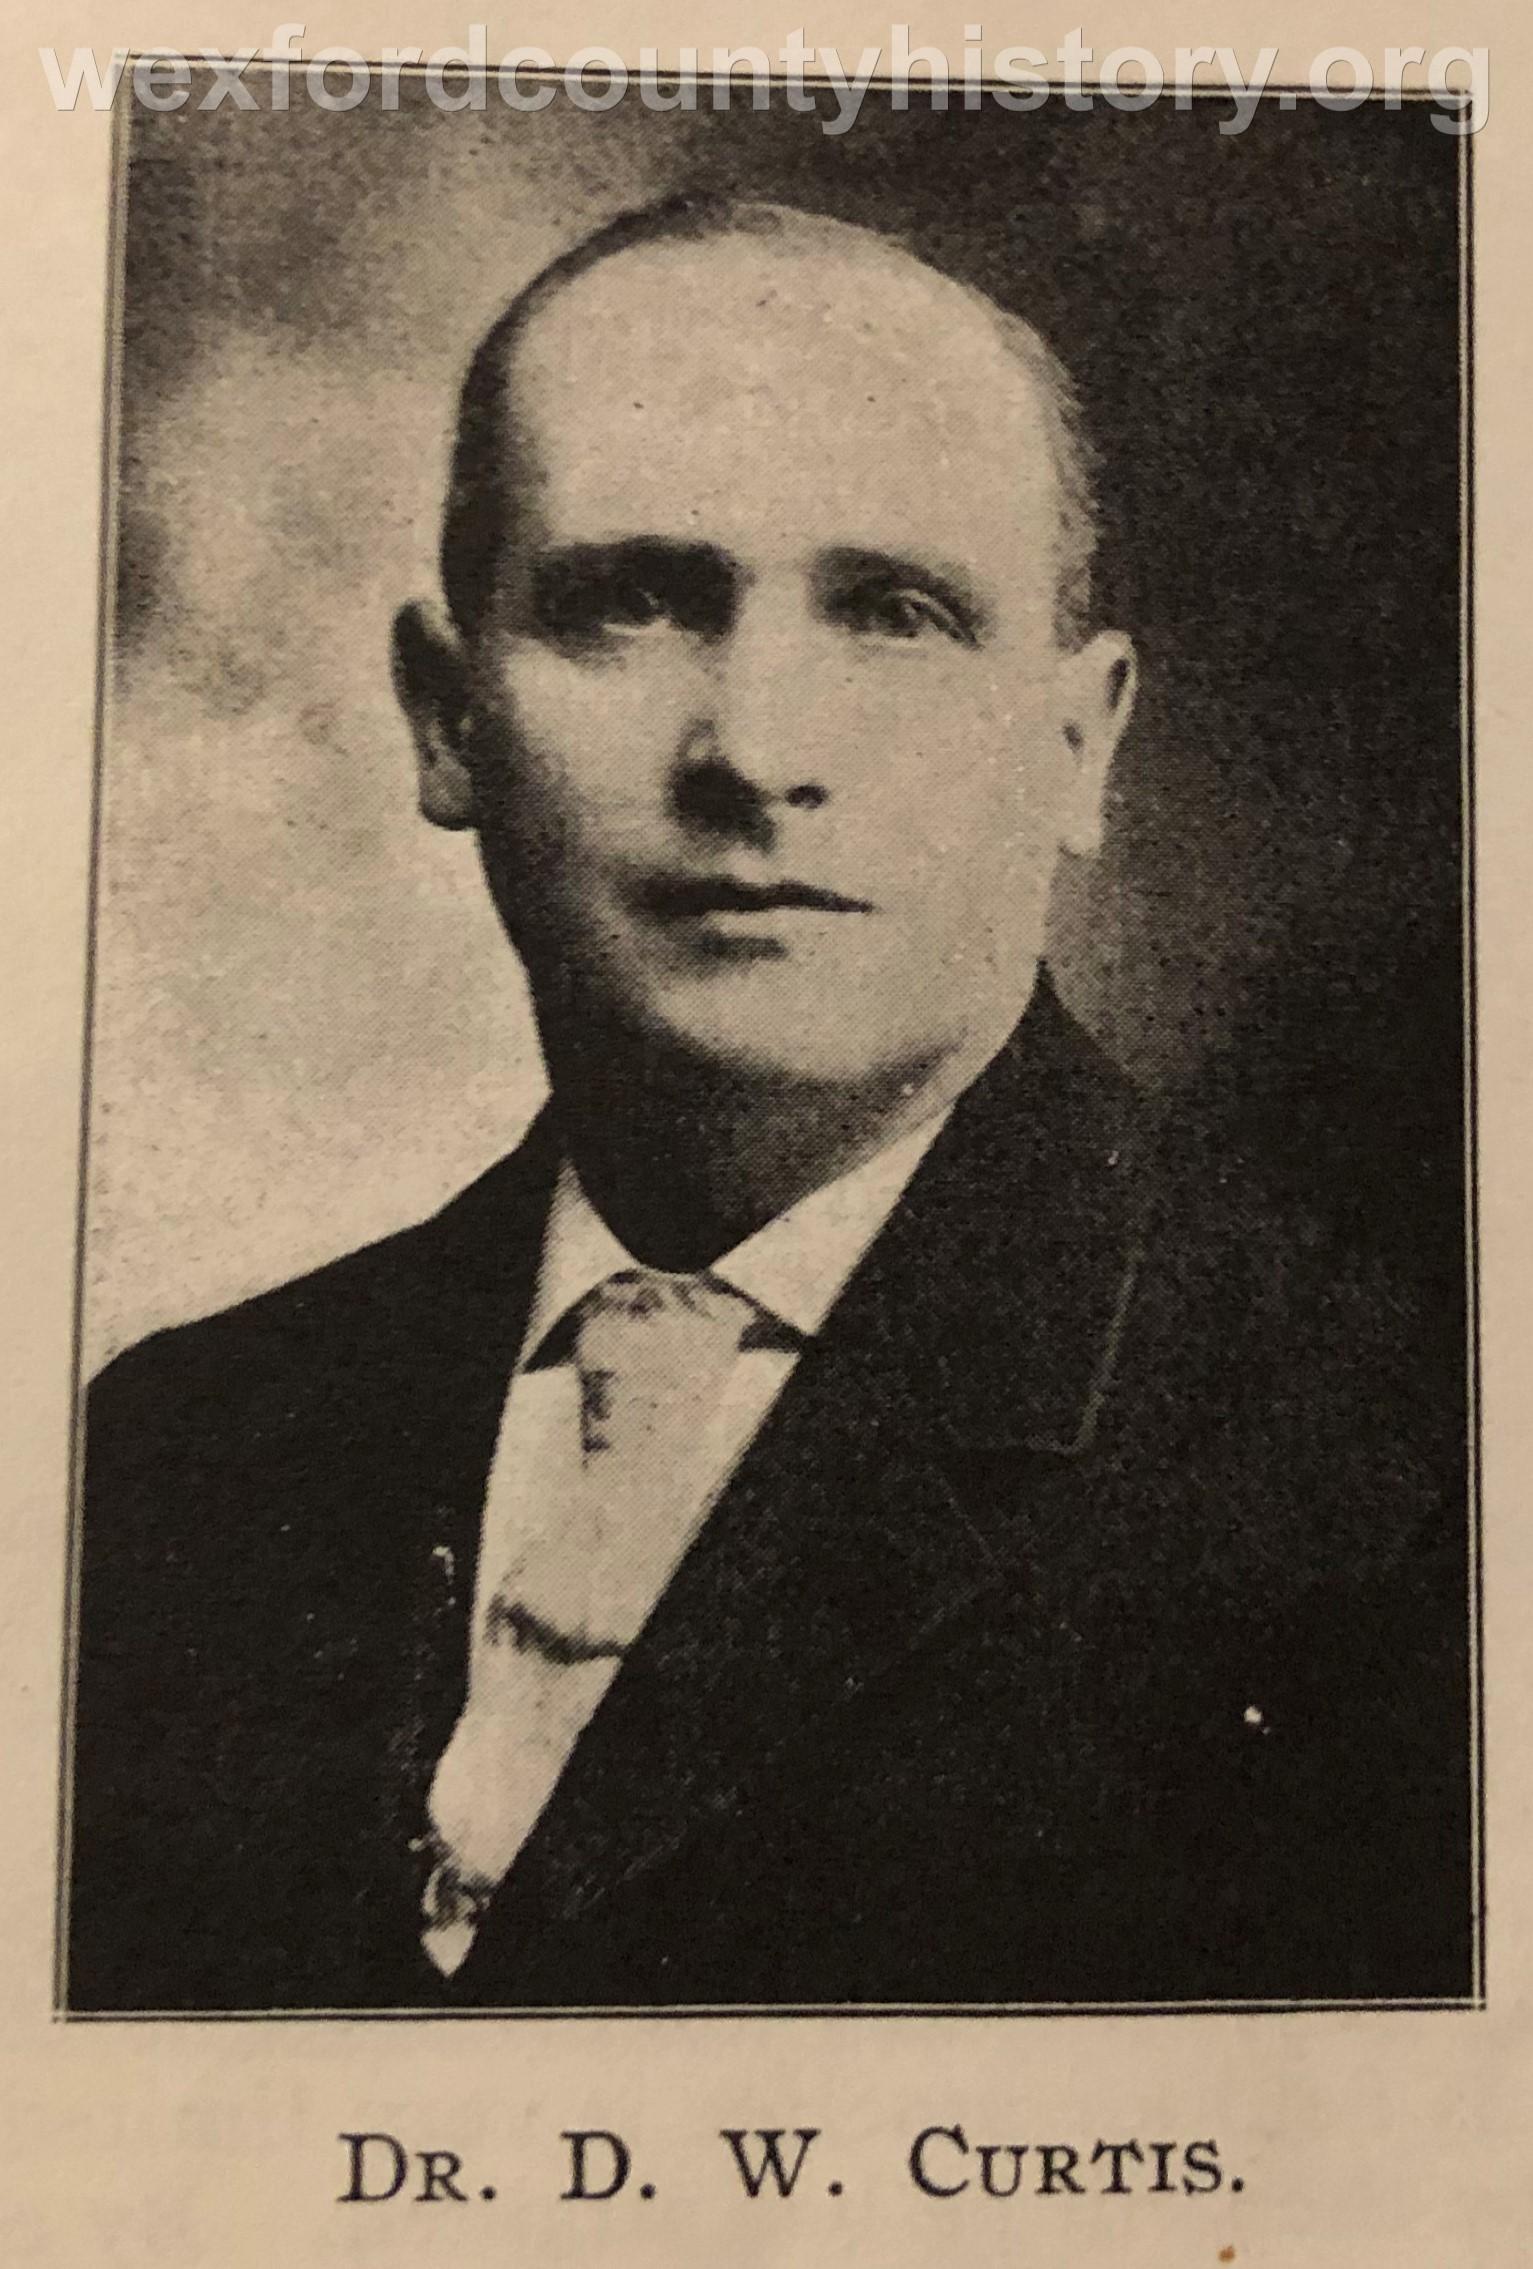 Dr. David W. Curtis